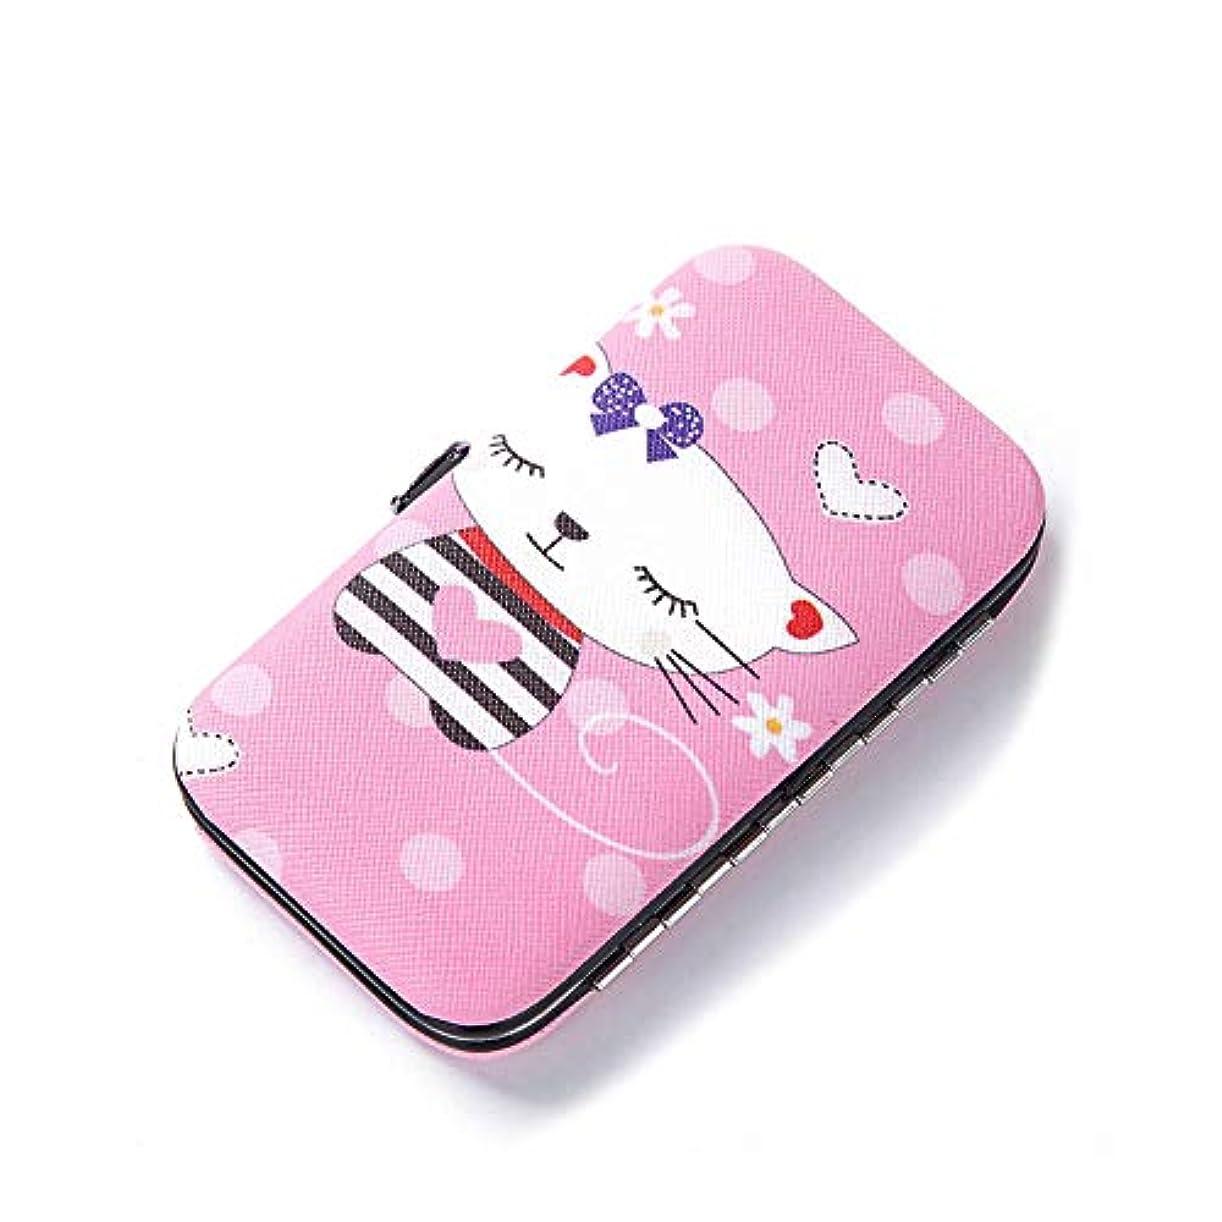 純粋な敗北統合するSnner ビューティセット 爪切り 爪磨き 毛抜き ハサミ 耳かき 携帯 持ち運び 旅行 キャラクター (Pink cat)